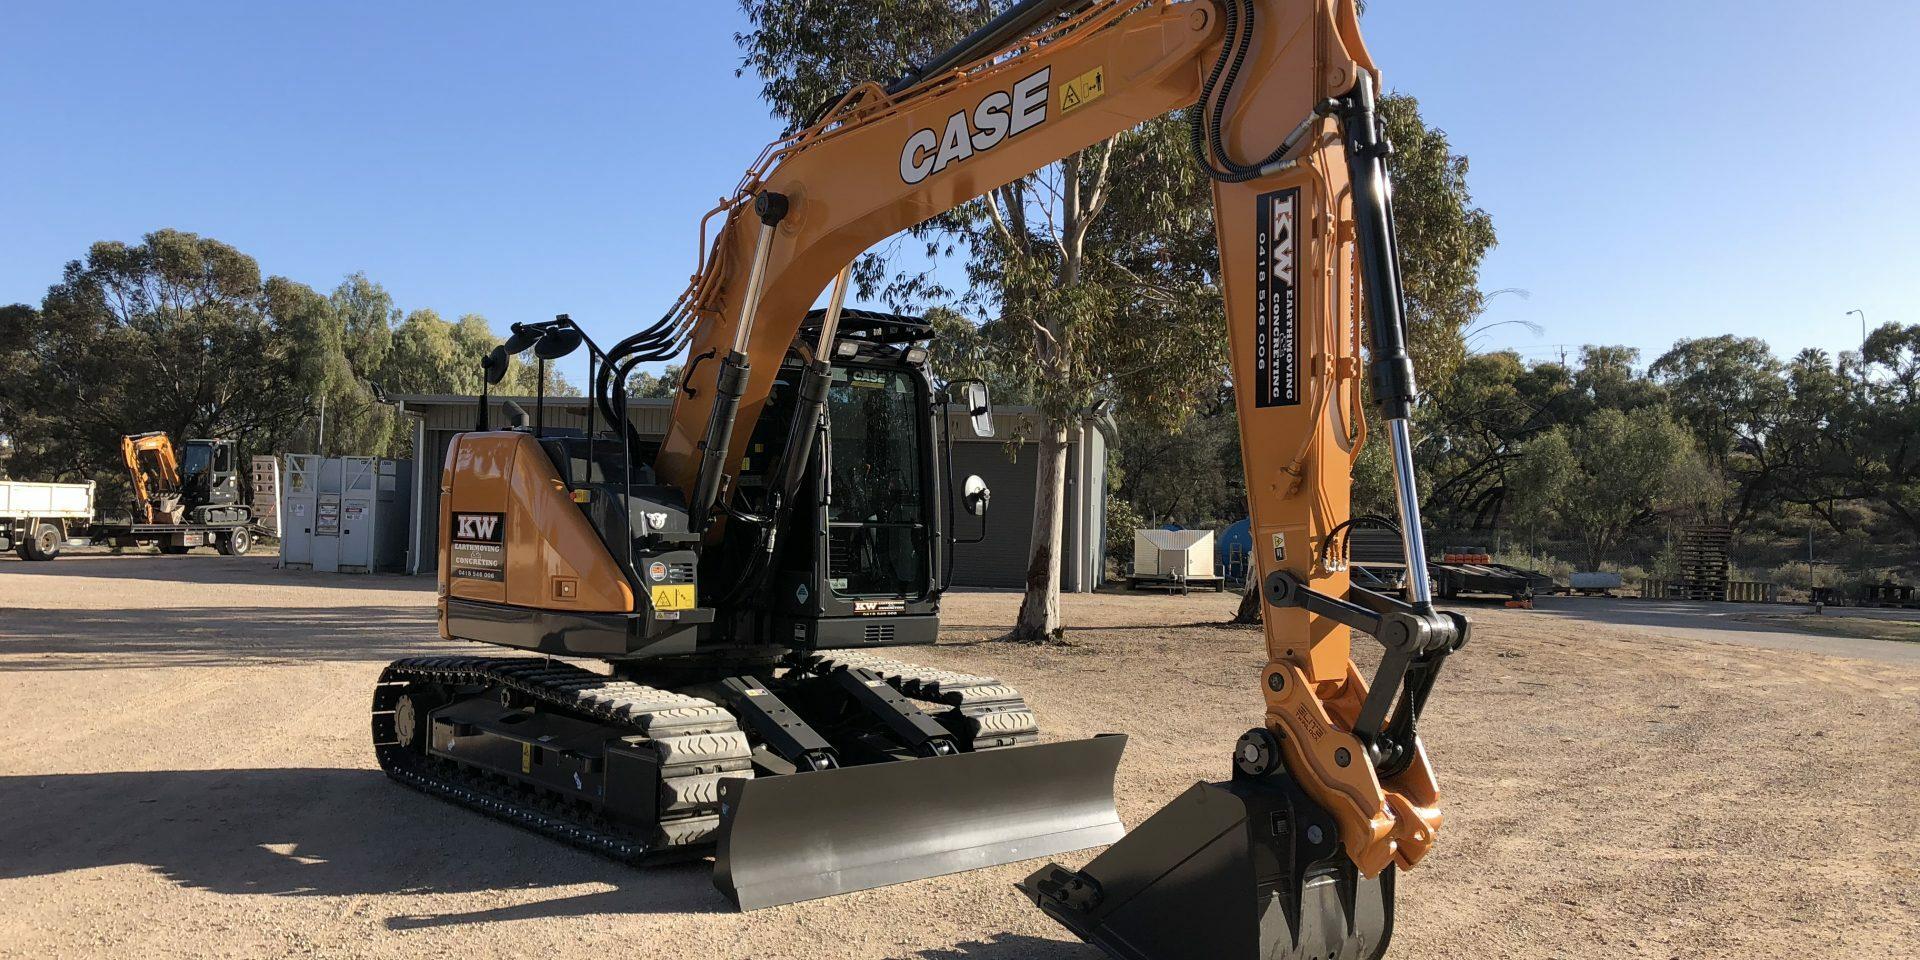 14.5t Excavator